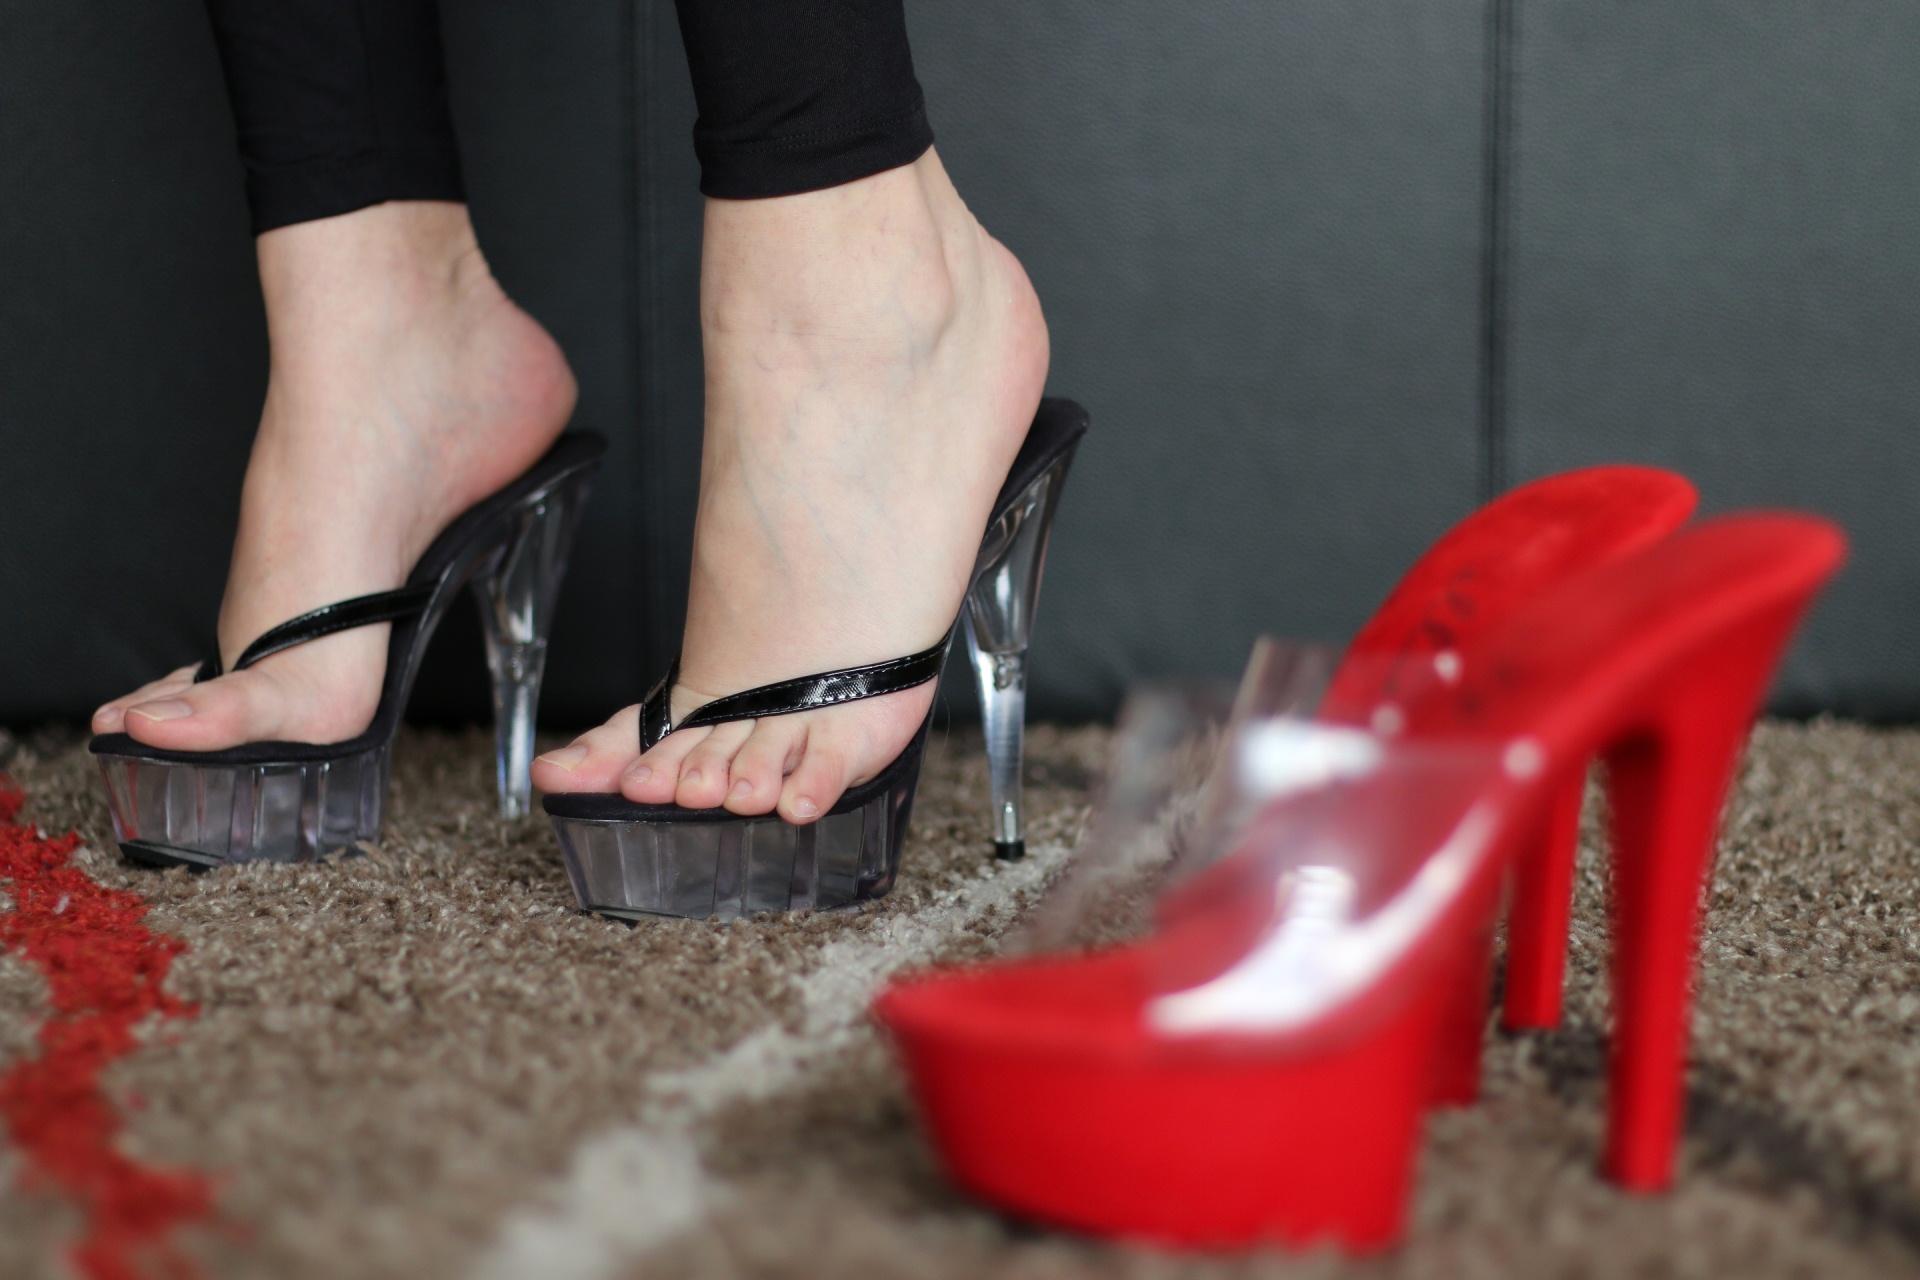 удержался пробормотал, девушки в фетиш туфлях должны были